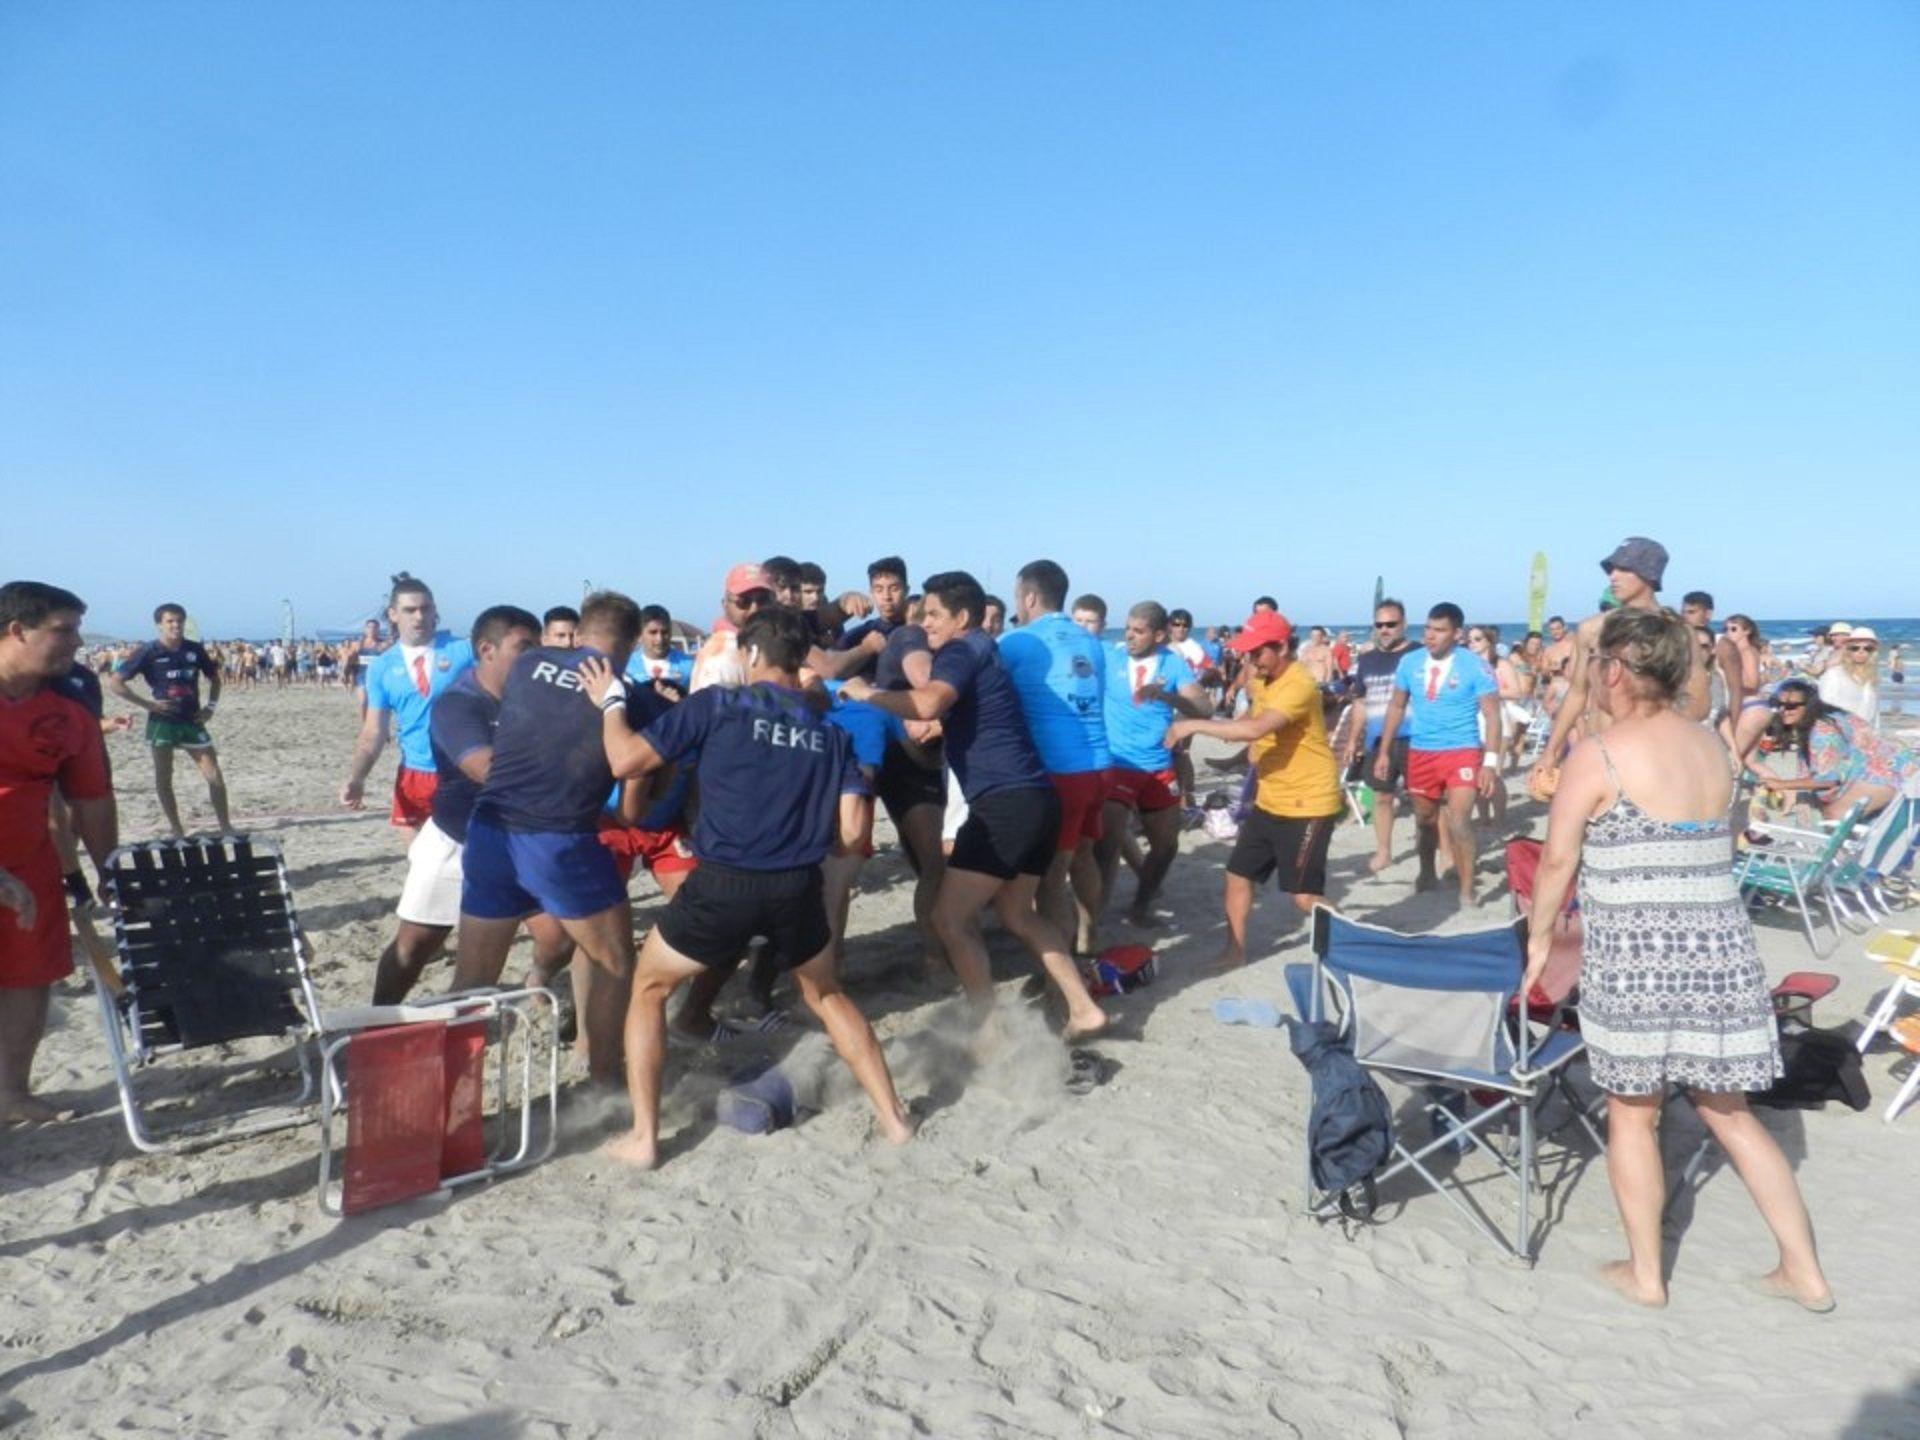 Dos equipos derugbyse pelearon en una playa. Foto: Diario Jornada